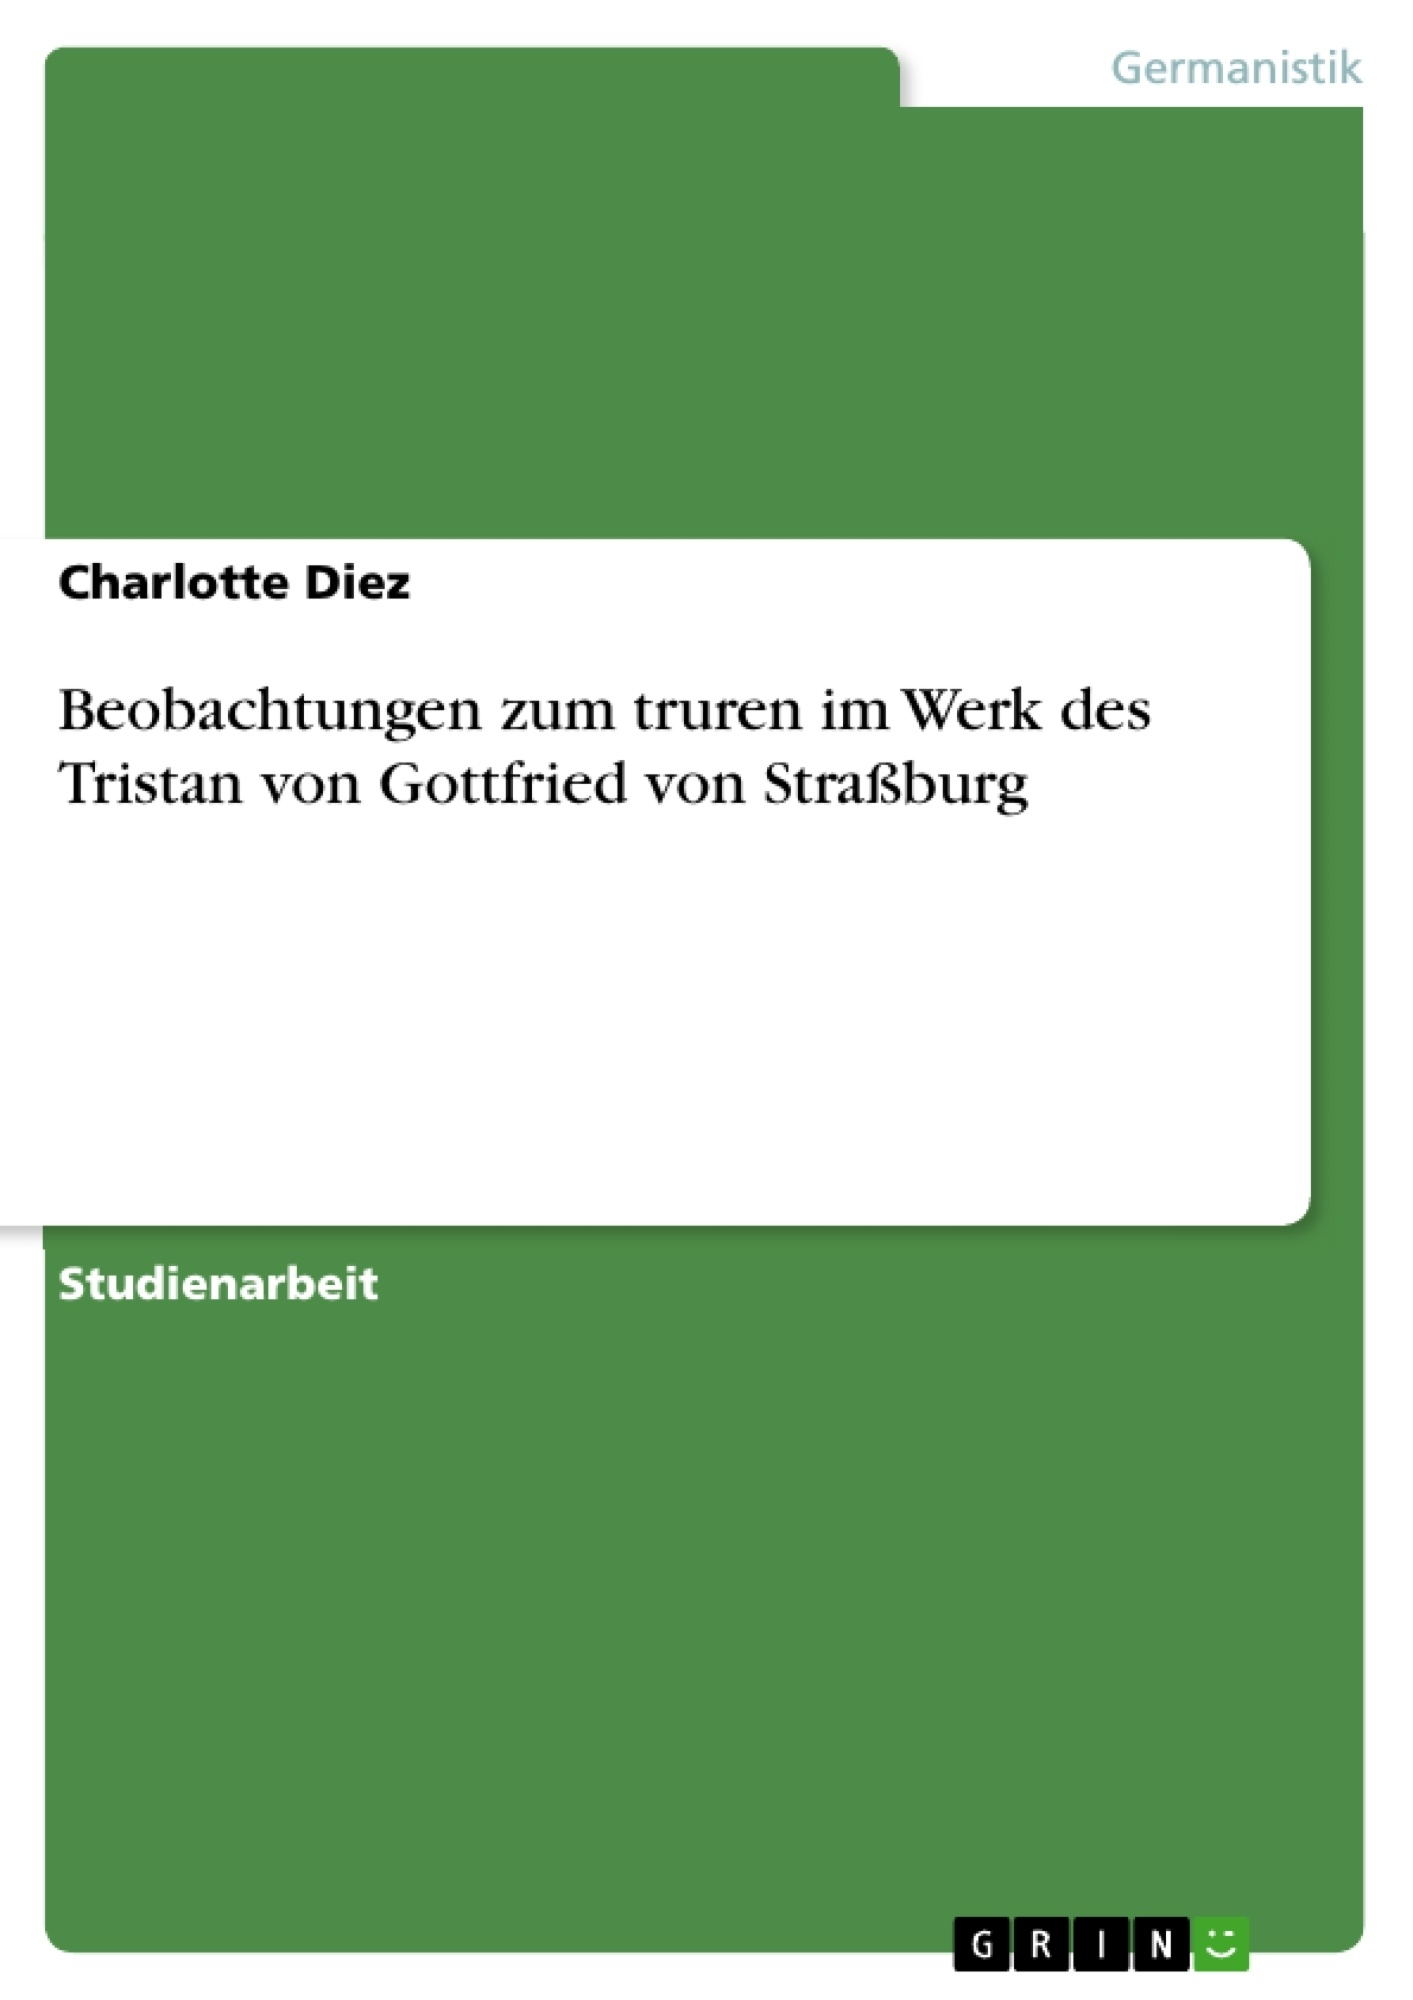 Titel: Beobachtungen zum truren im Werk des Tristan von Gottfried von Straßburg